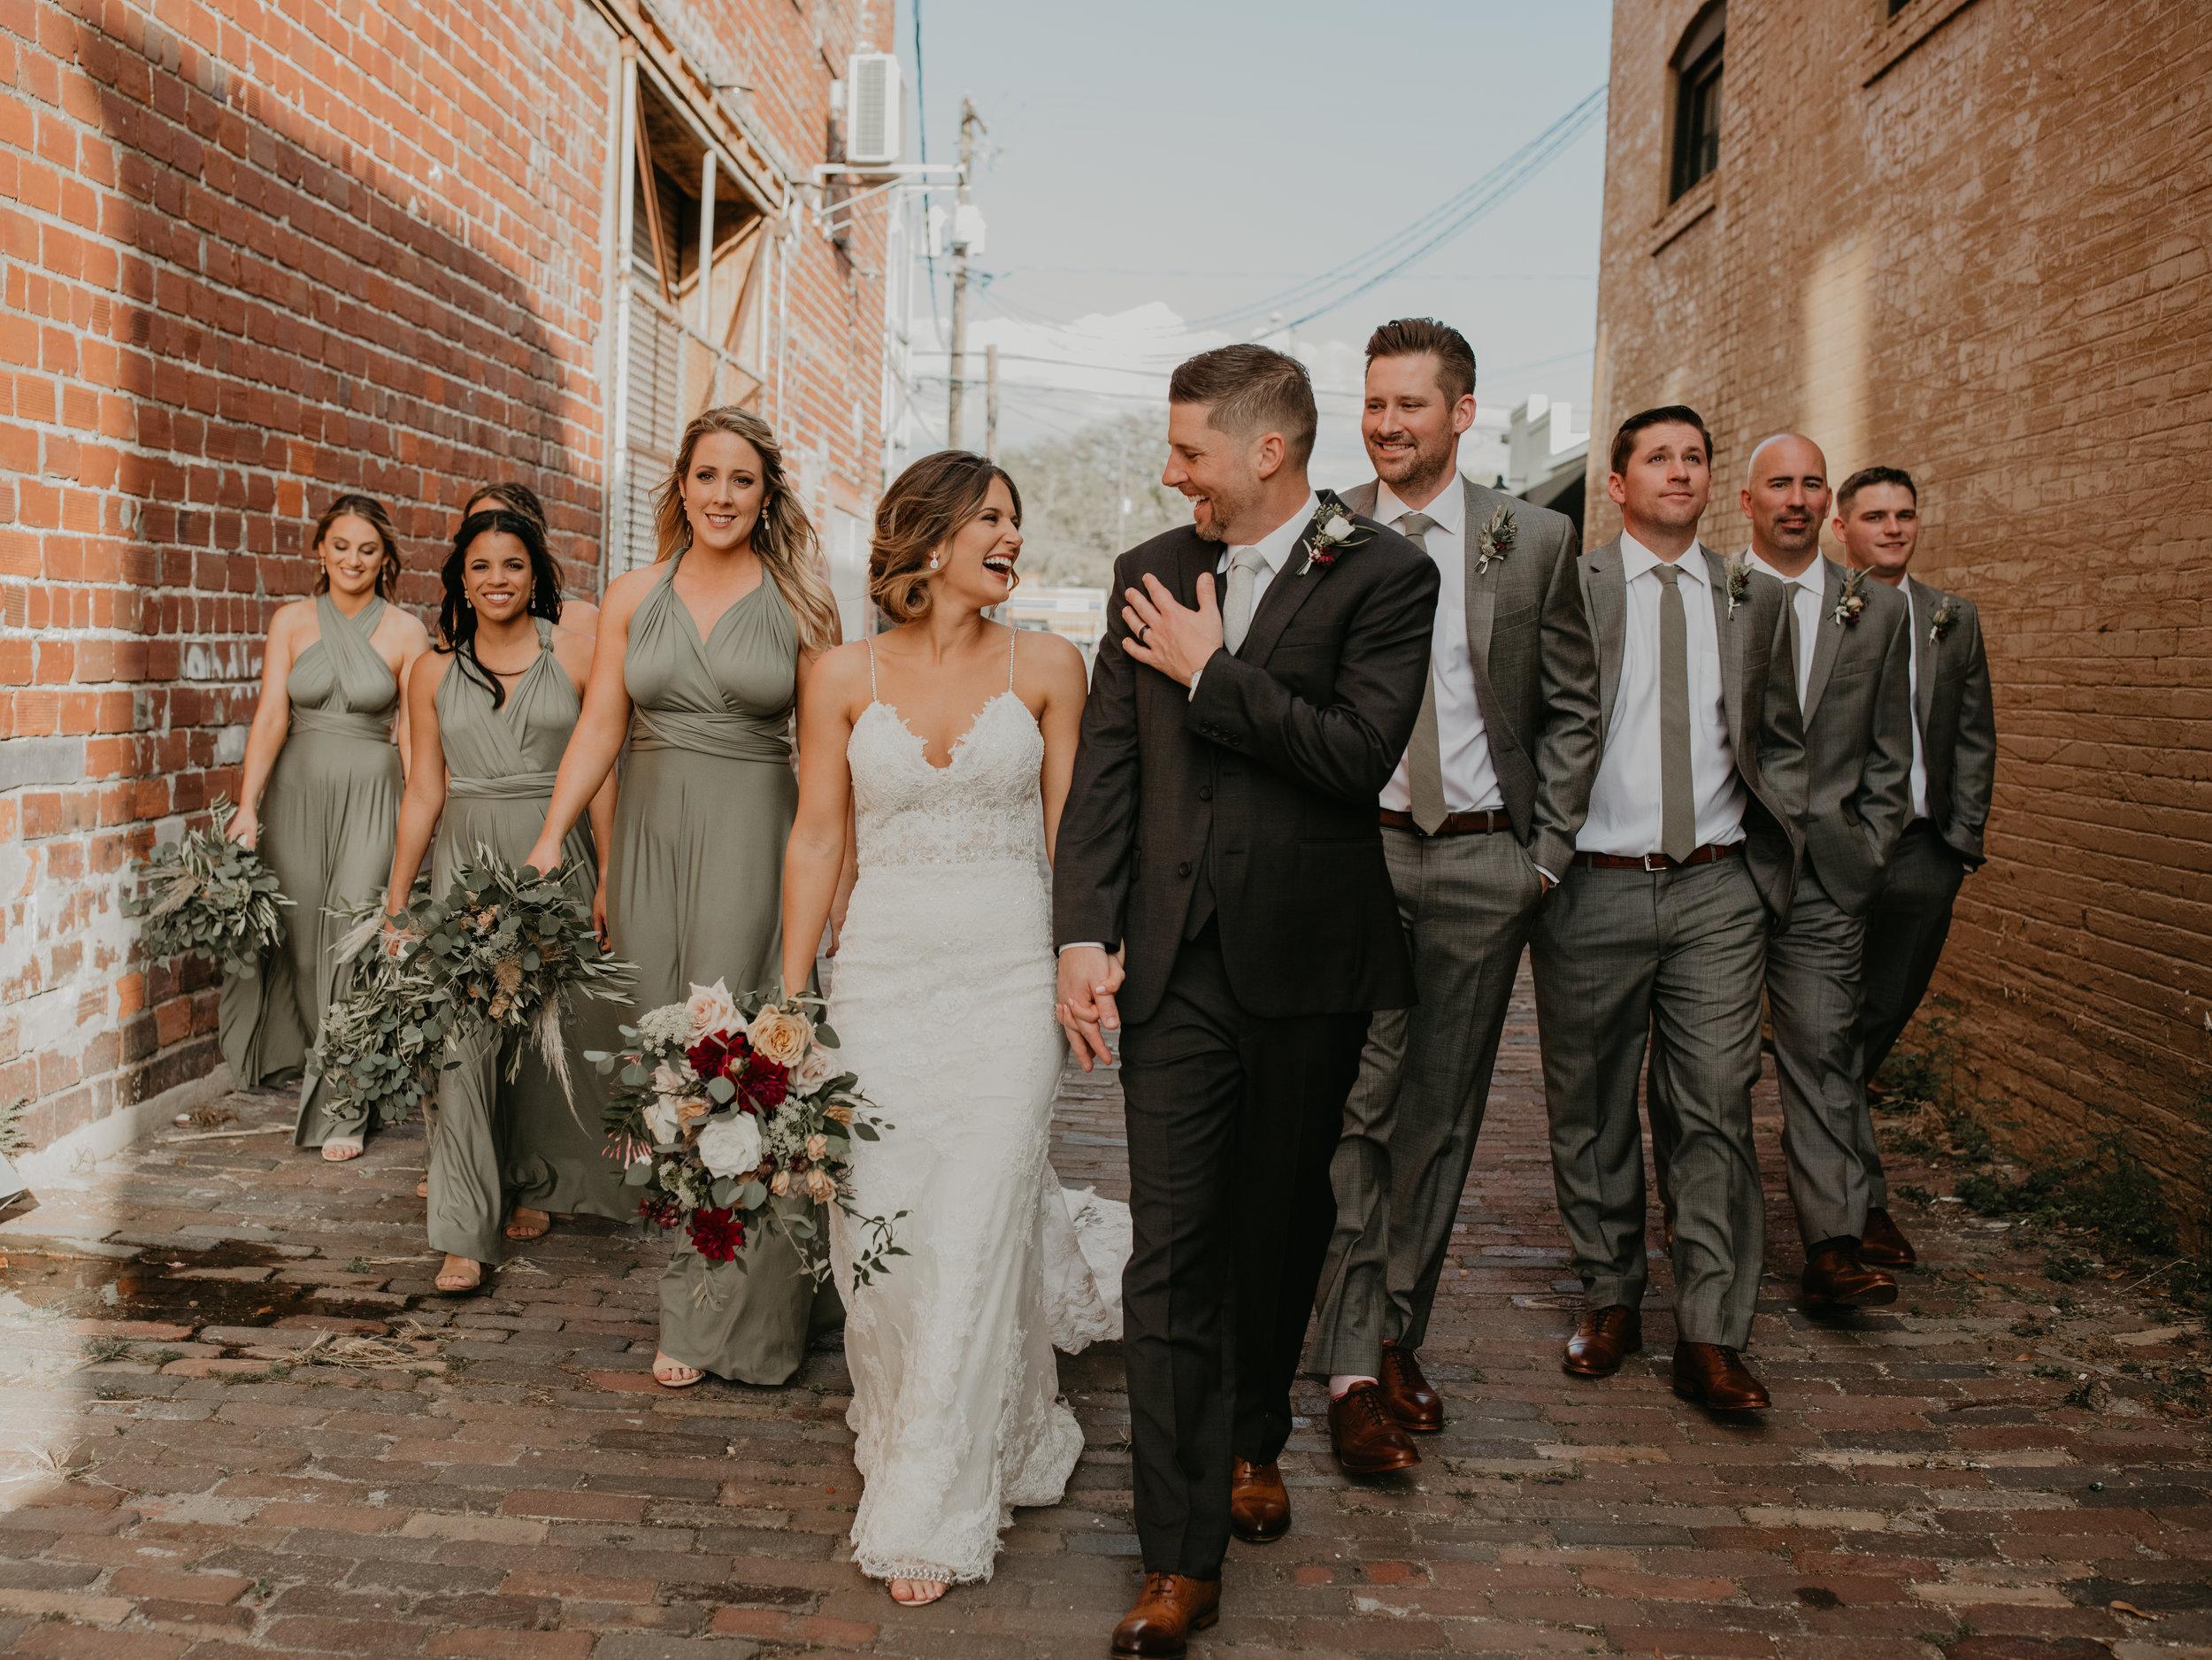 The Rialto Tampa Florida-Wedding-Taylor and Jacob37.JPG